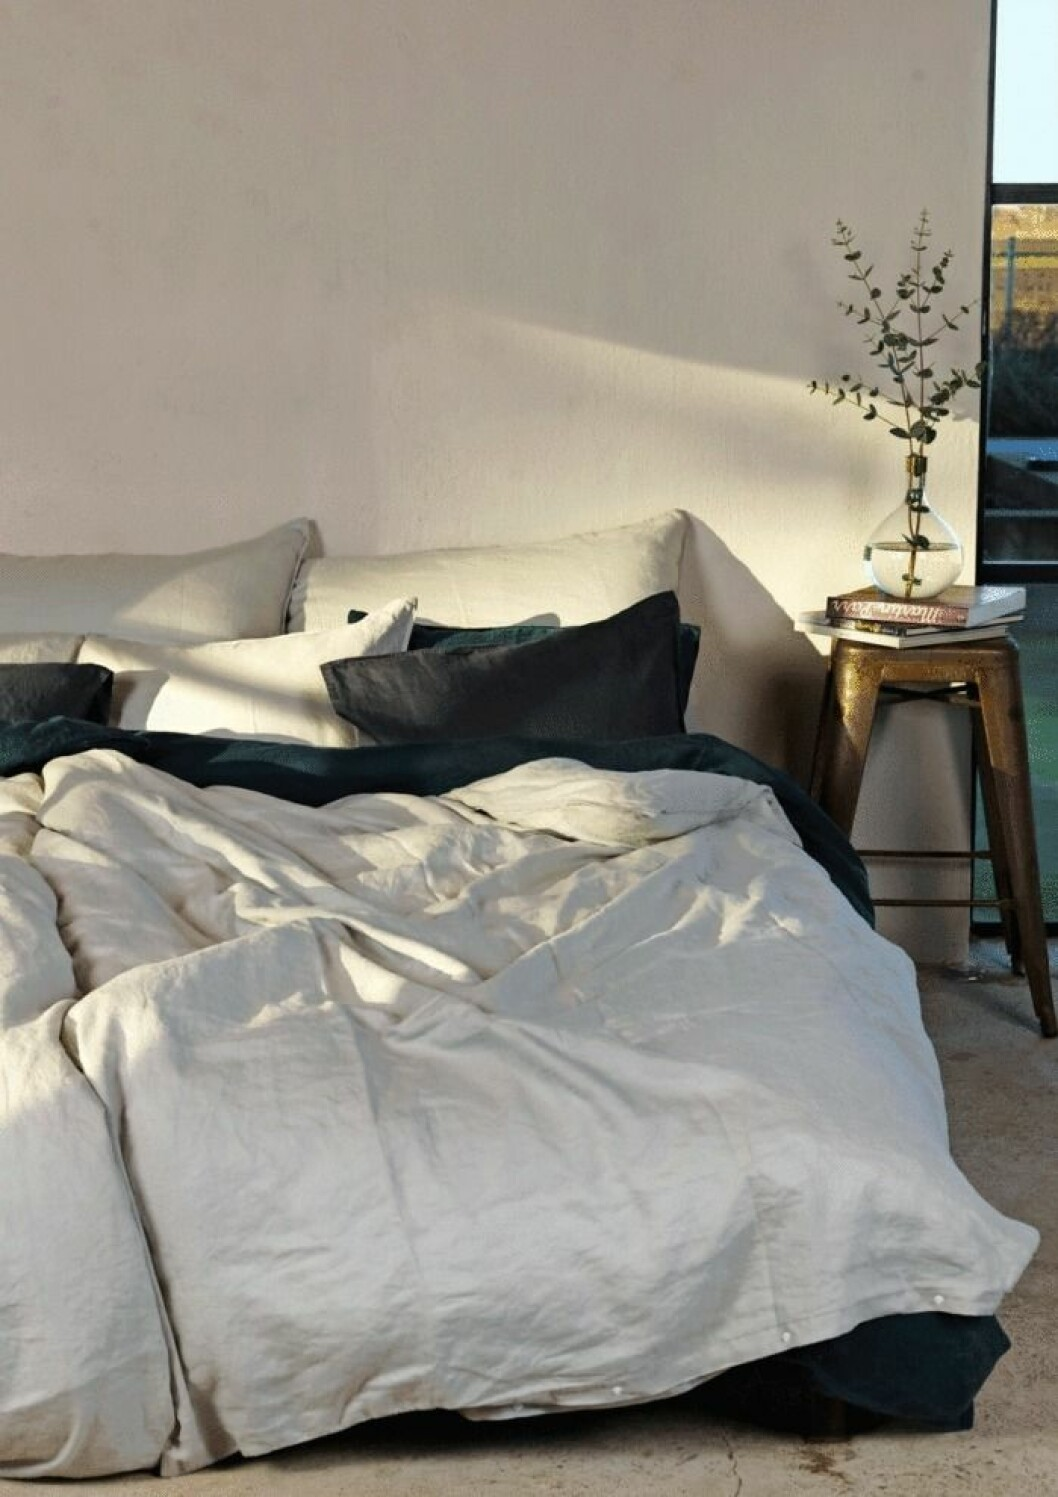 Fina sängkläder från Gripsholm